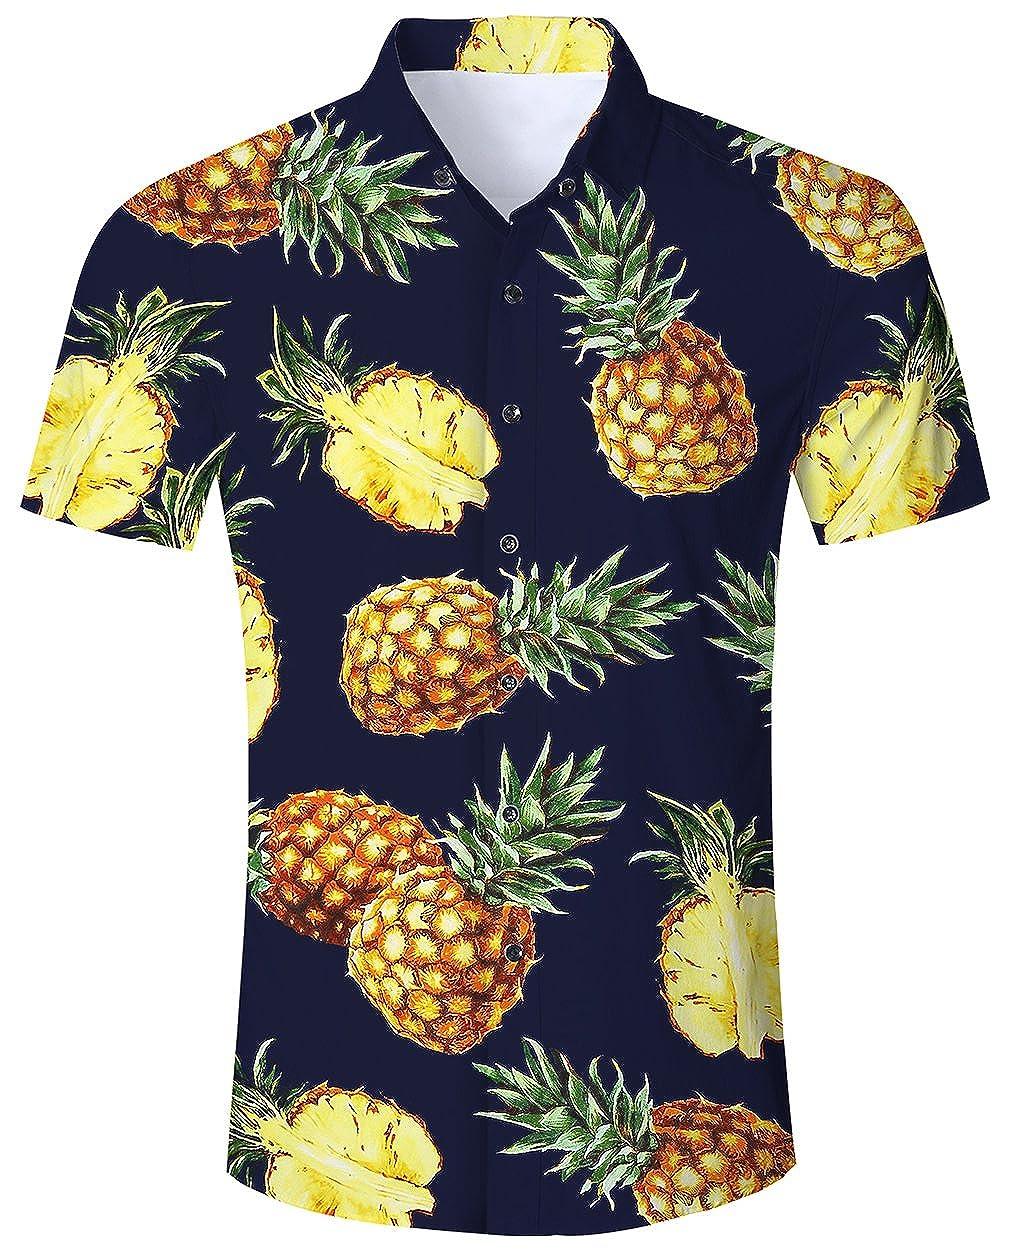 Goodstoworld Camicia Hawaiana da Uomo Estiva Fiori Tropicale 3D Stampa Manica Corta Casual Camicie Shirt MNLGS18525